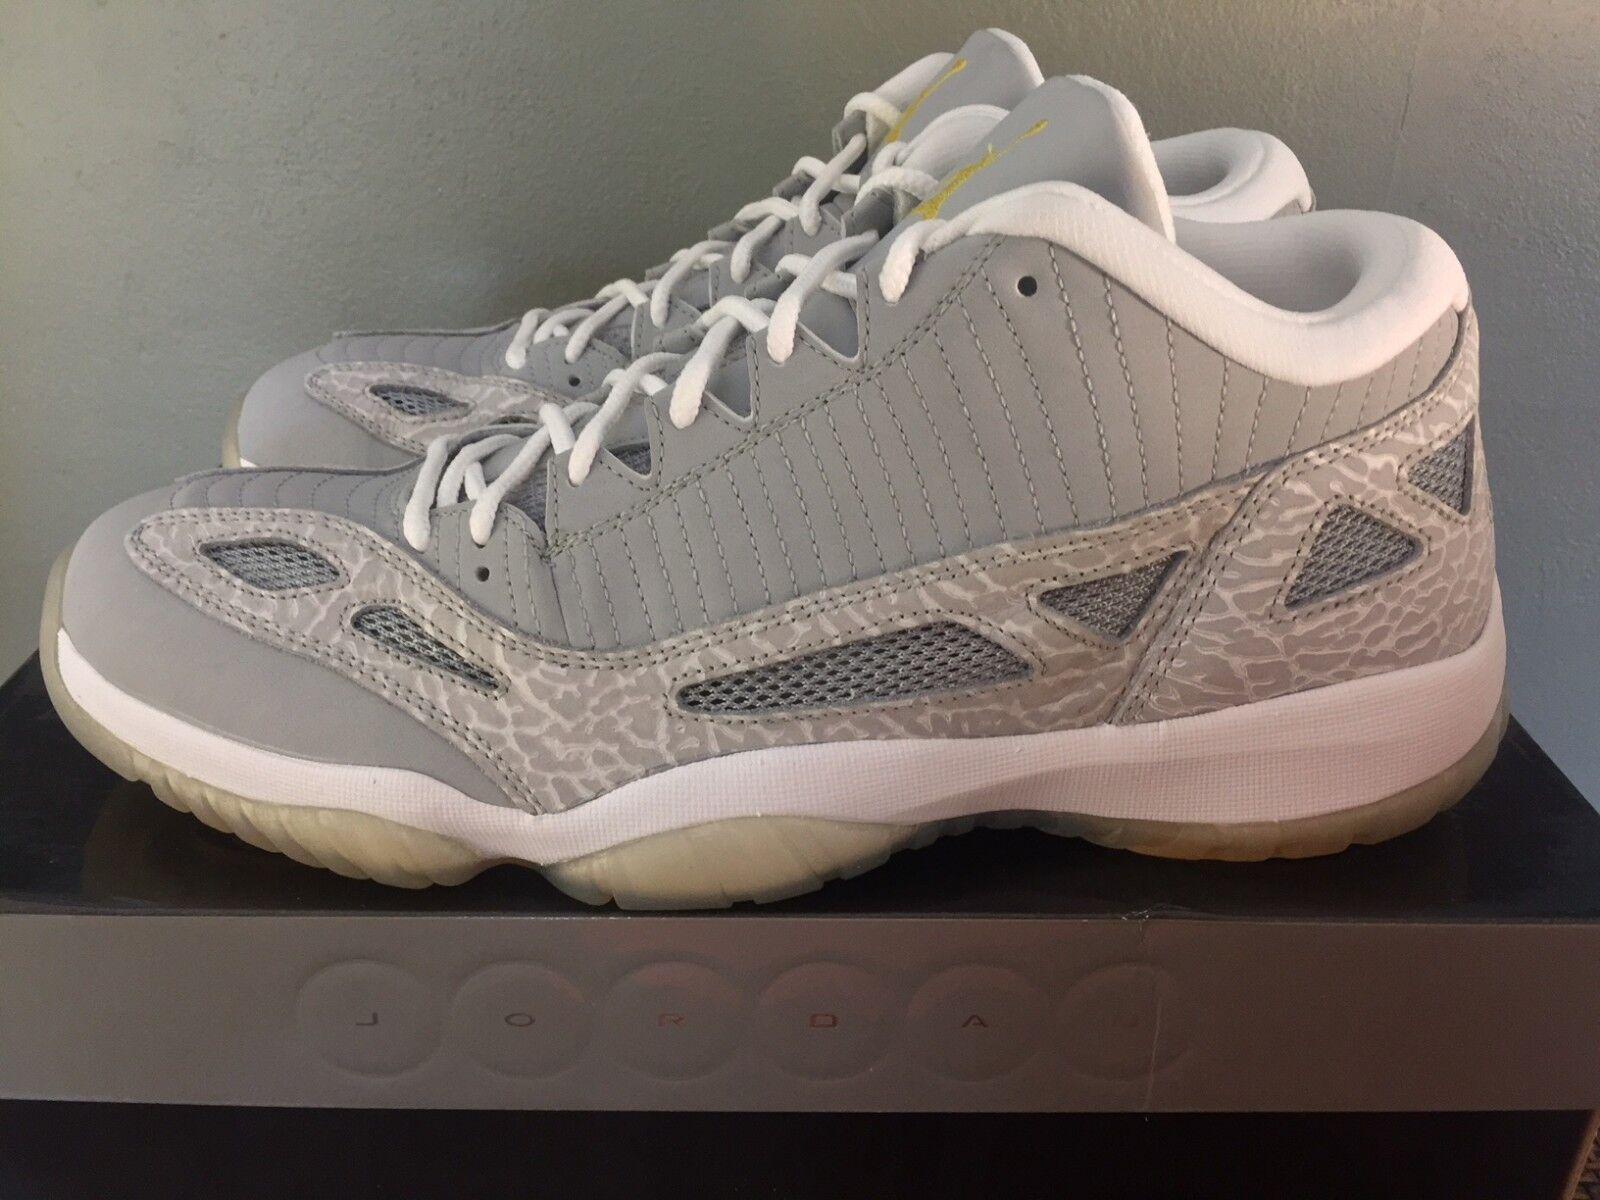 2018 nike air jordan 11 retro precio reducción baja DS zapatos comodo el último descuento zapatos DS para hombres y mujeres 36c2a3